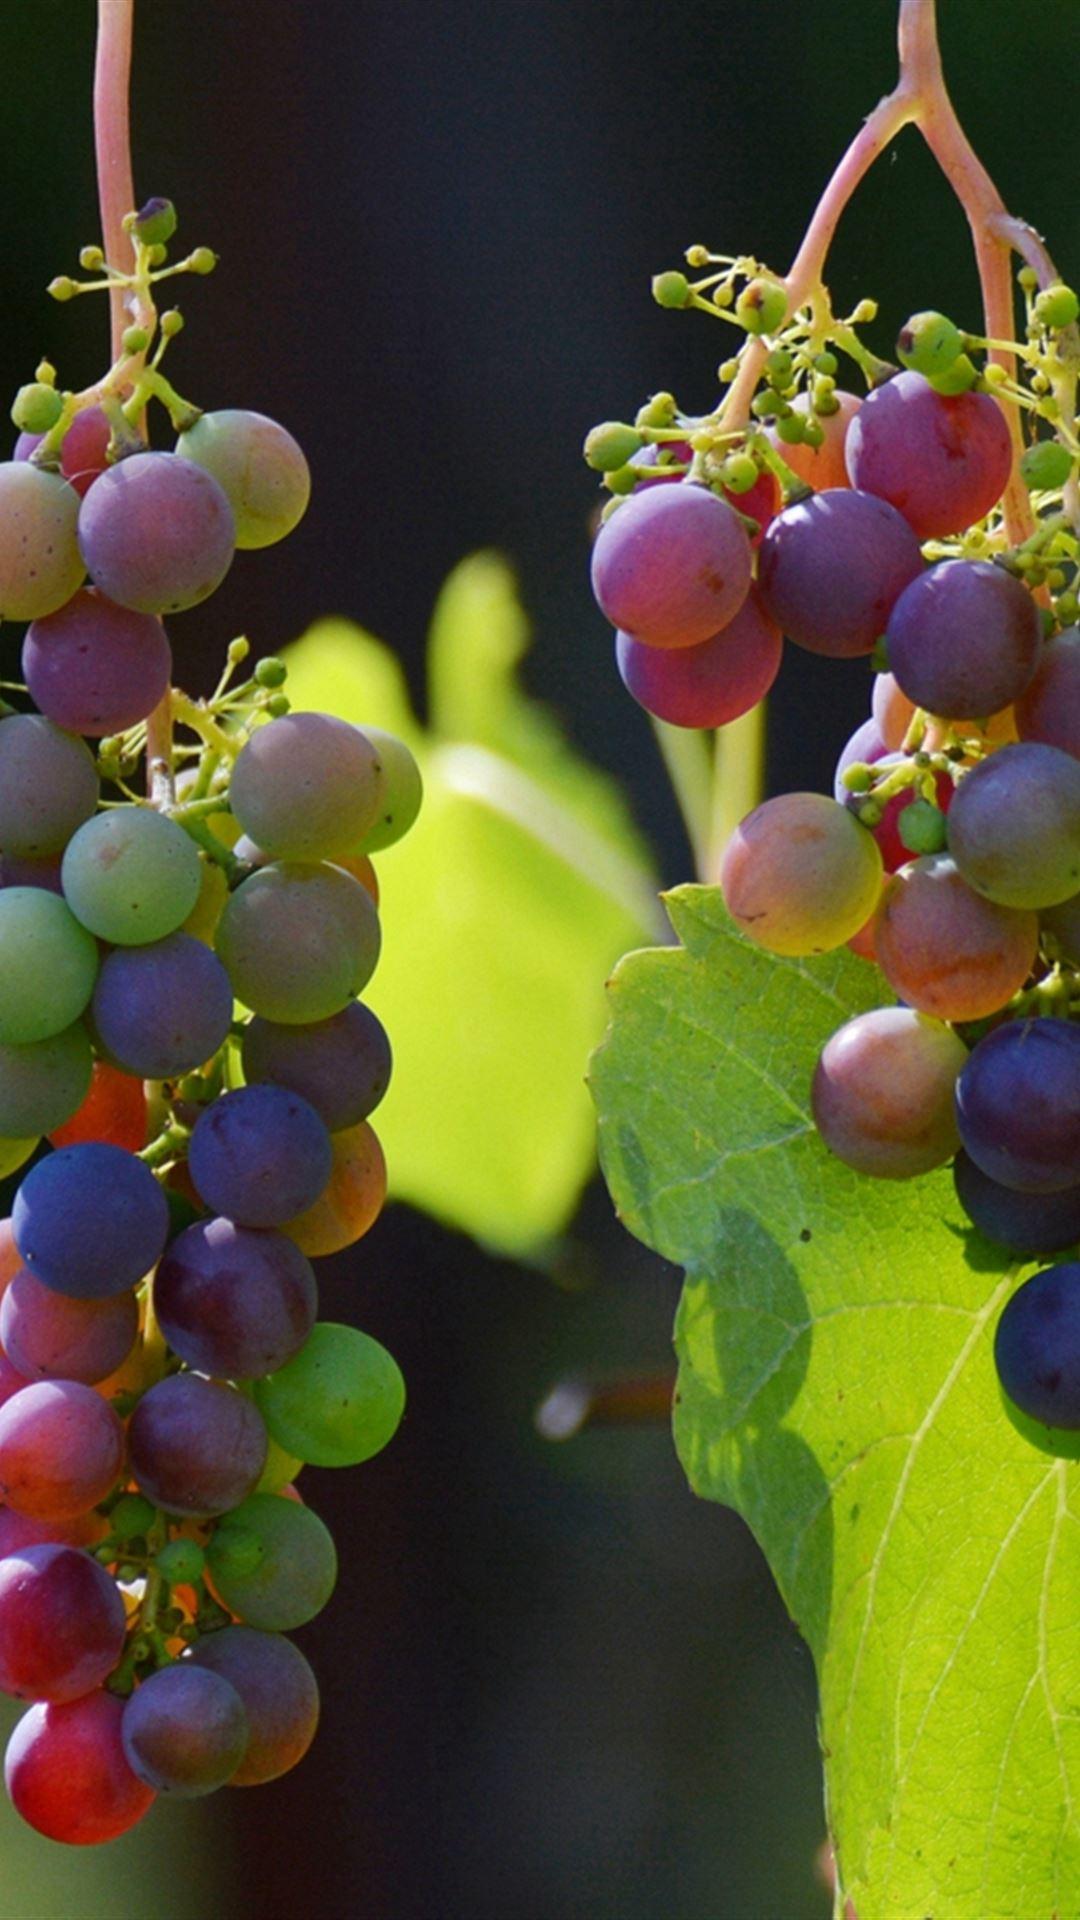 Grapes Vines Berries iPhone 4s wallpaper